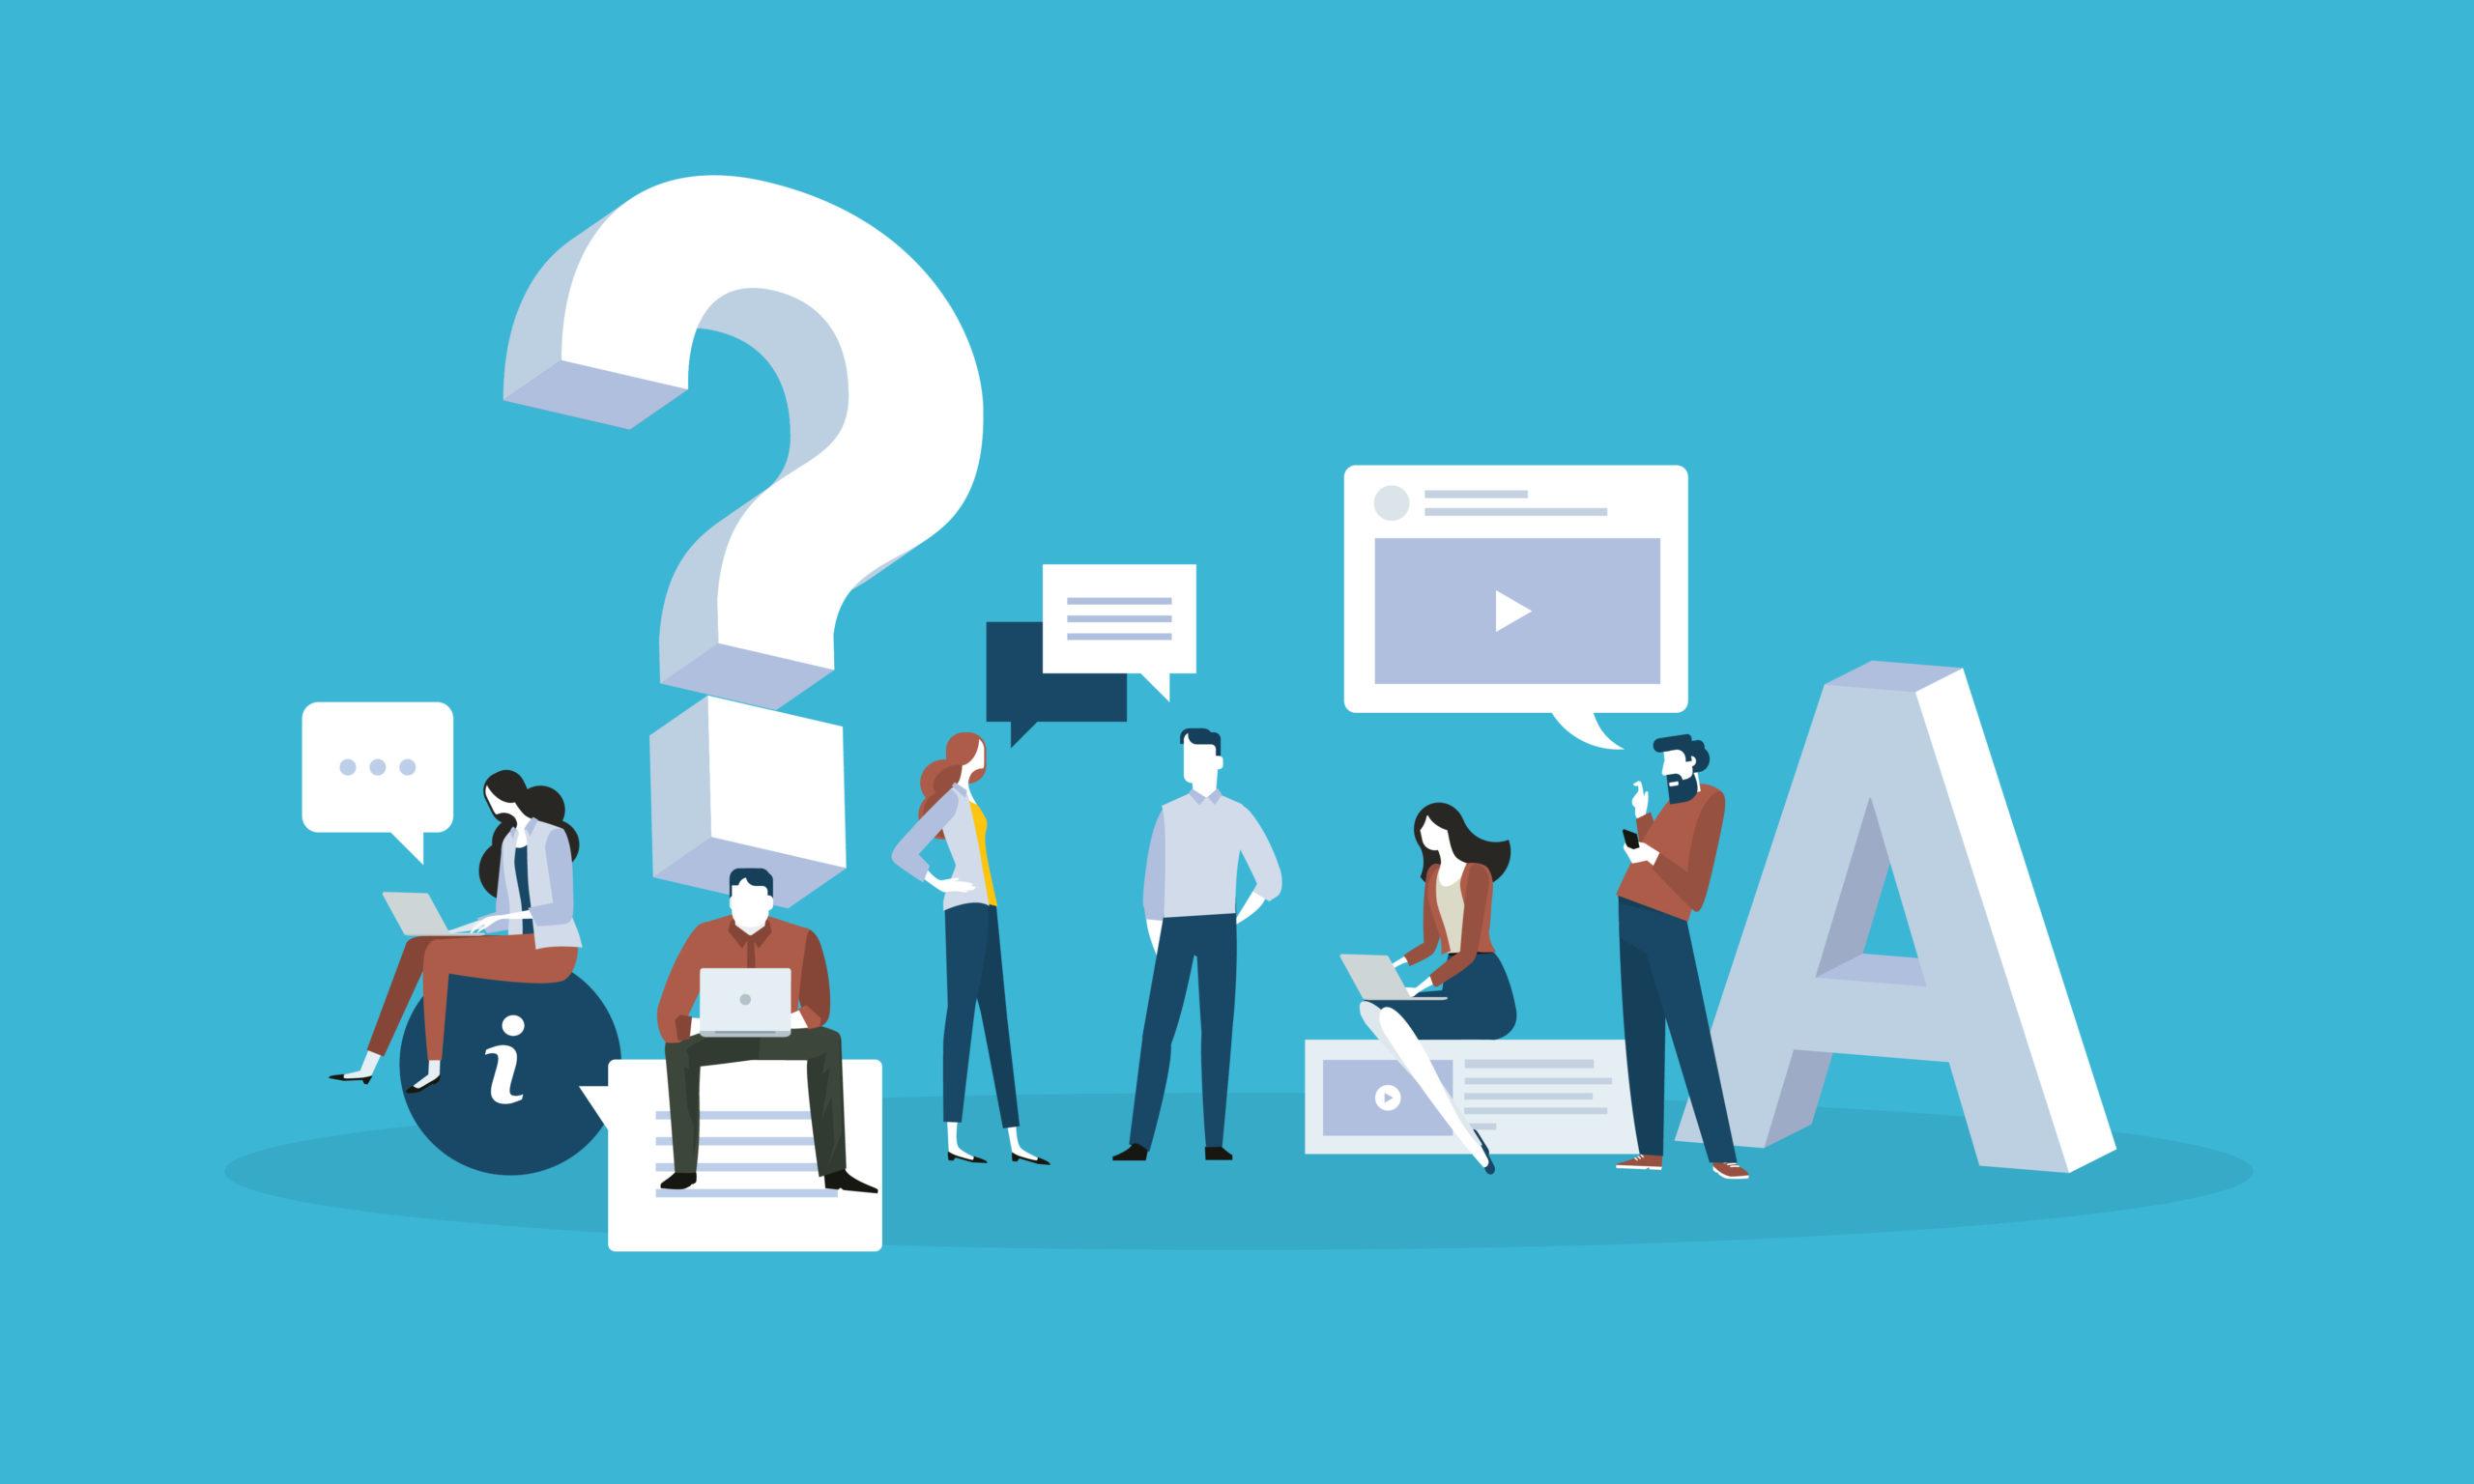 Social media FAQs